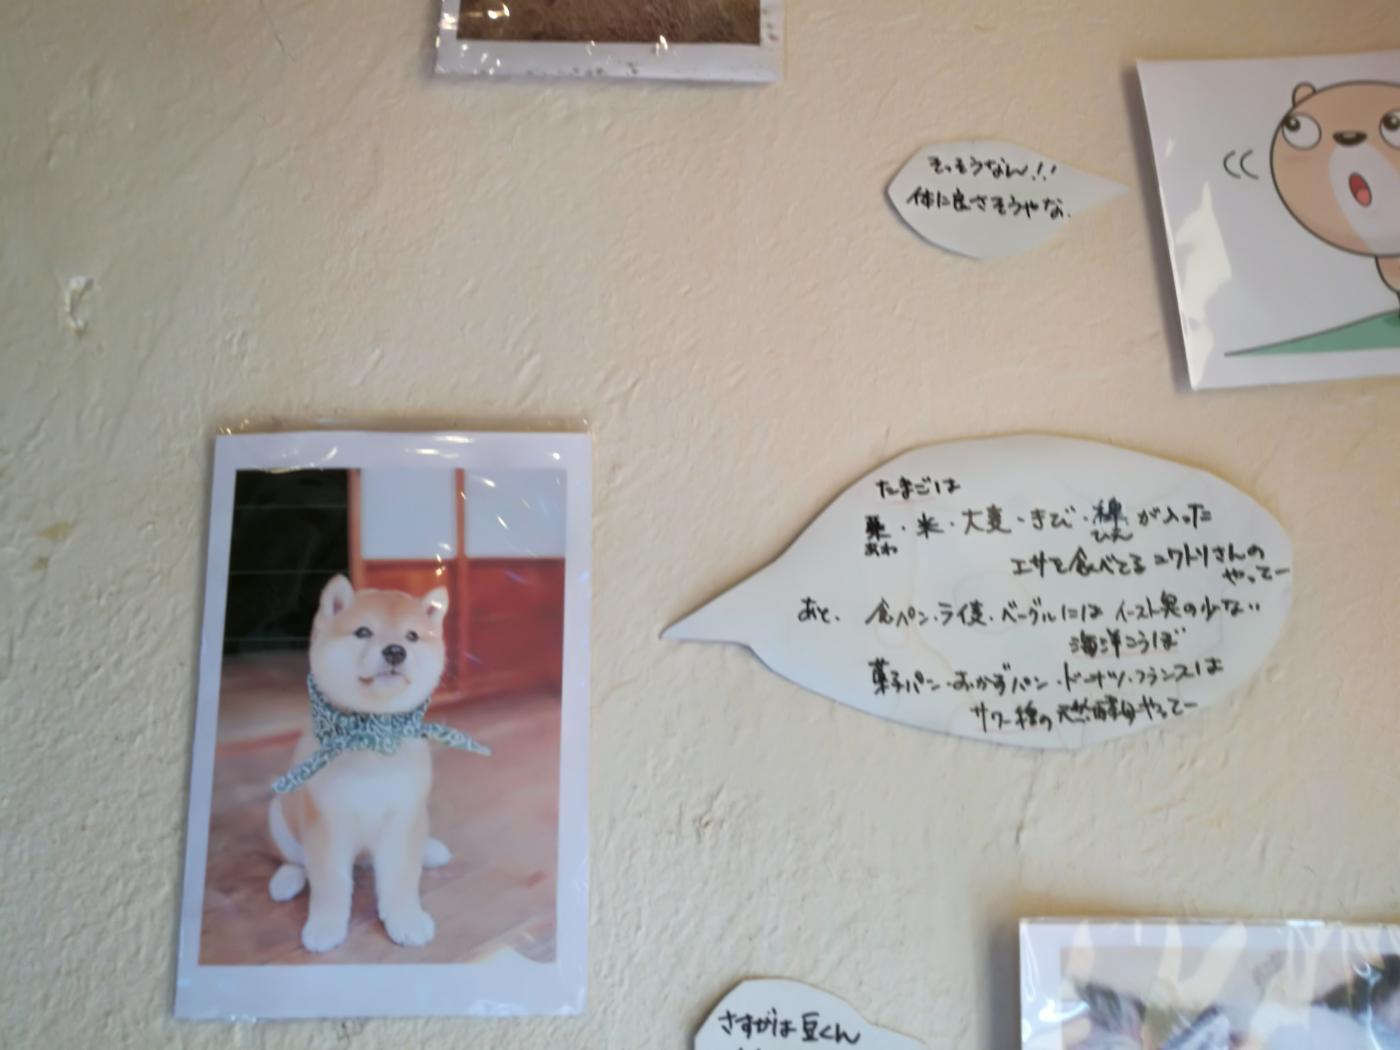 元気パン工房ごぱんの壁面写真